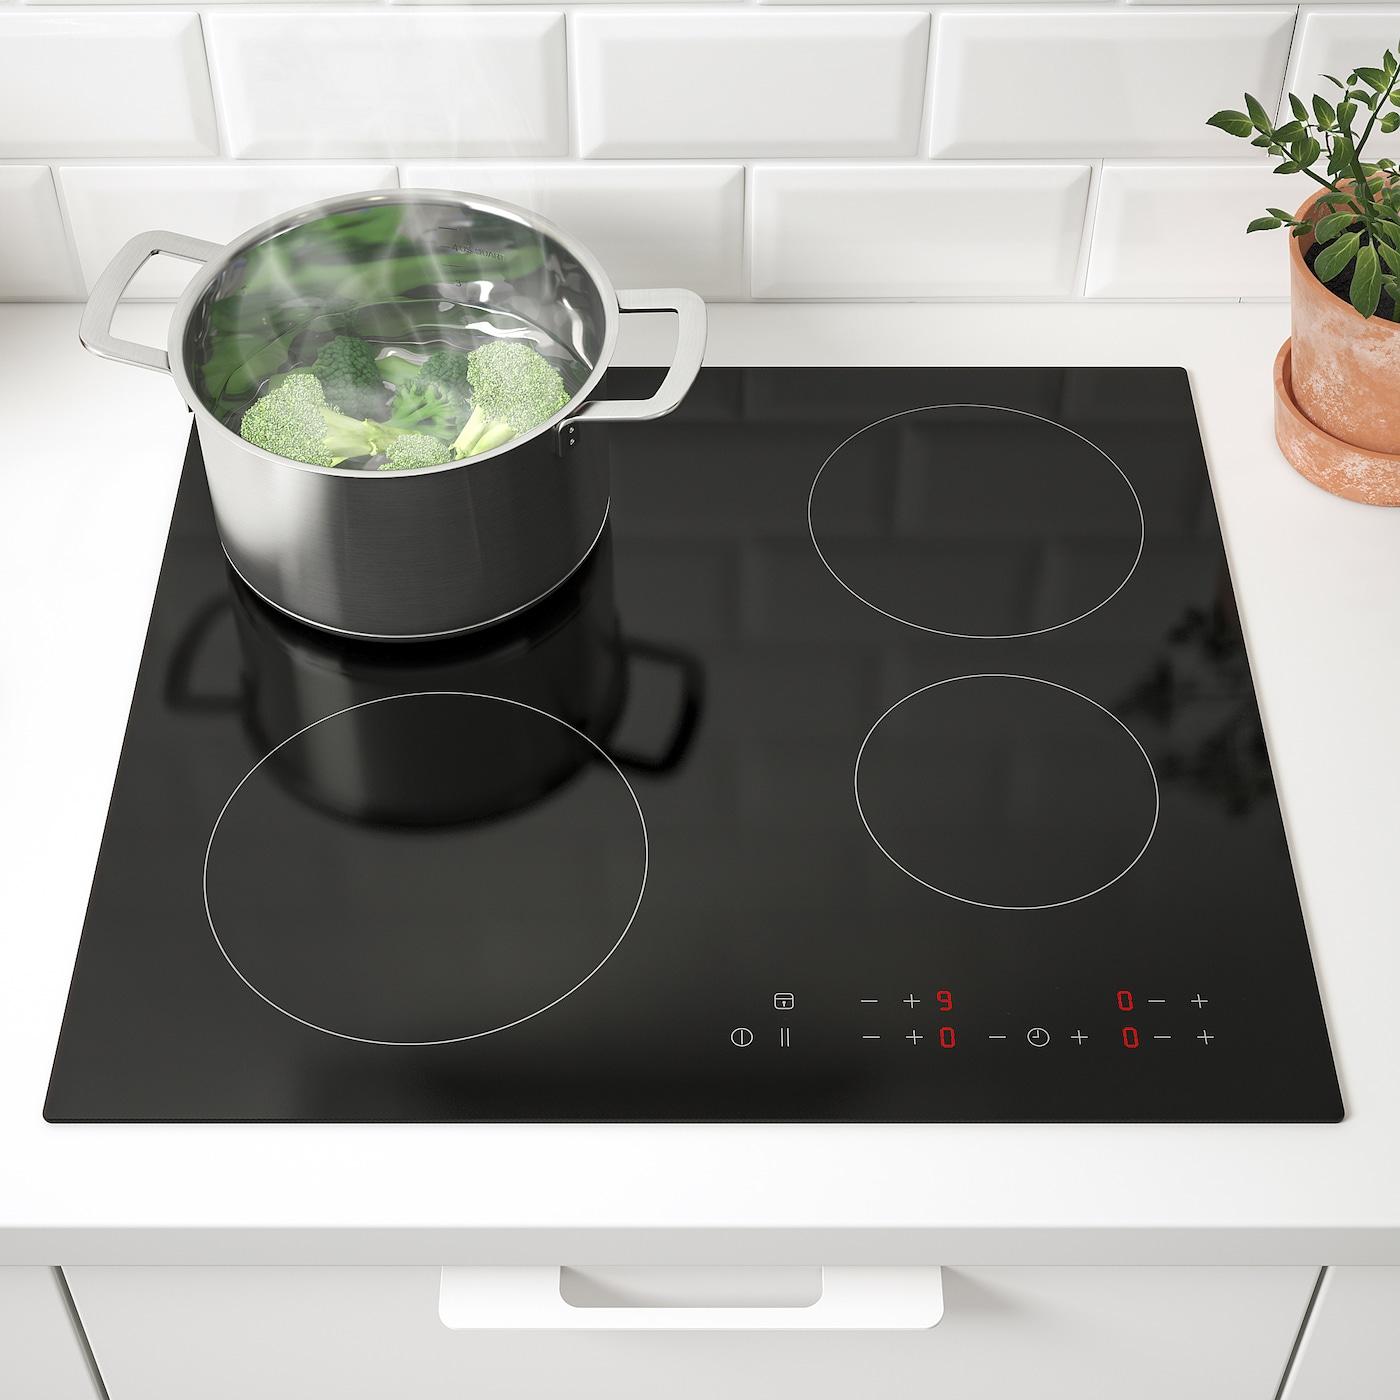 Comment Differencier Induction Et Vitroceramique matmÄssig table de cuisson vitrocéramique - noir 59 cm